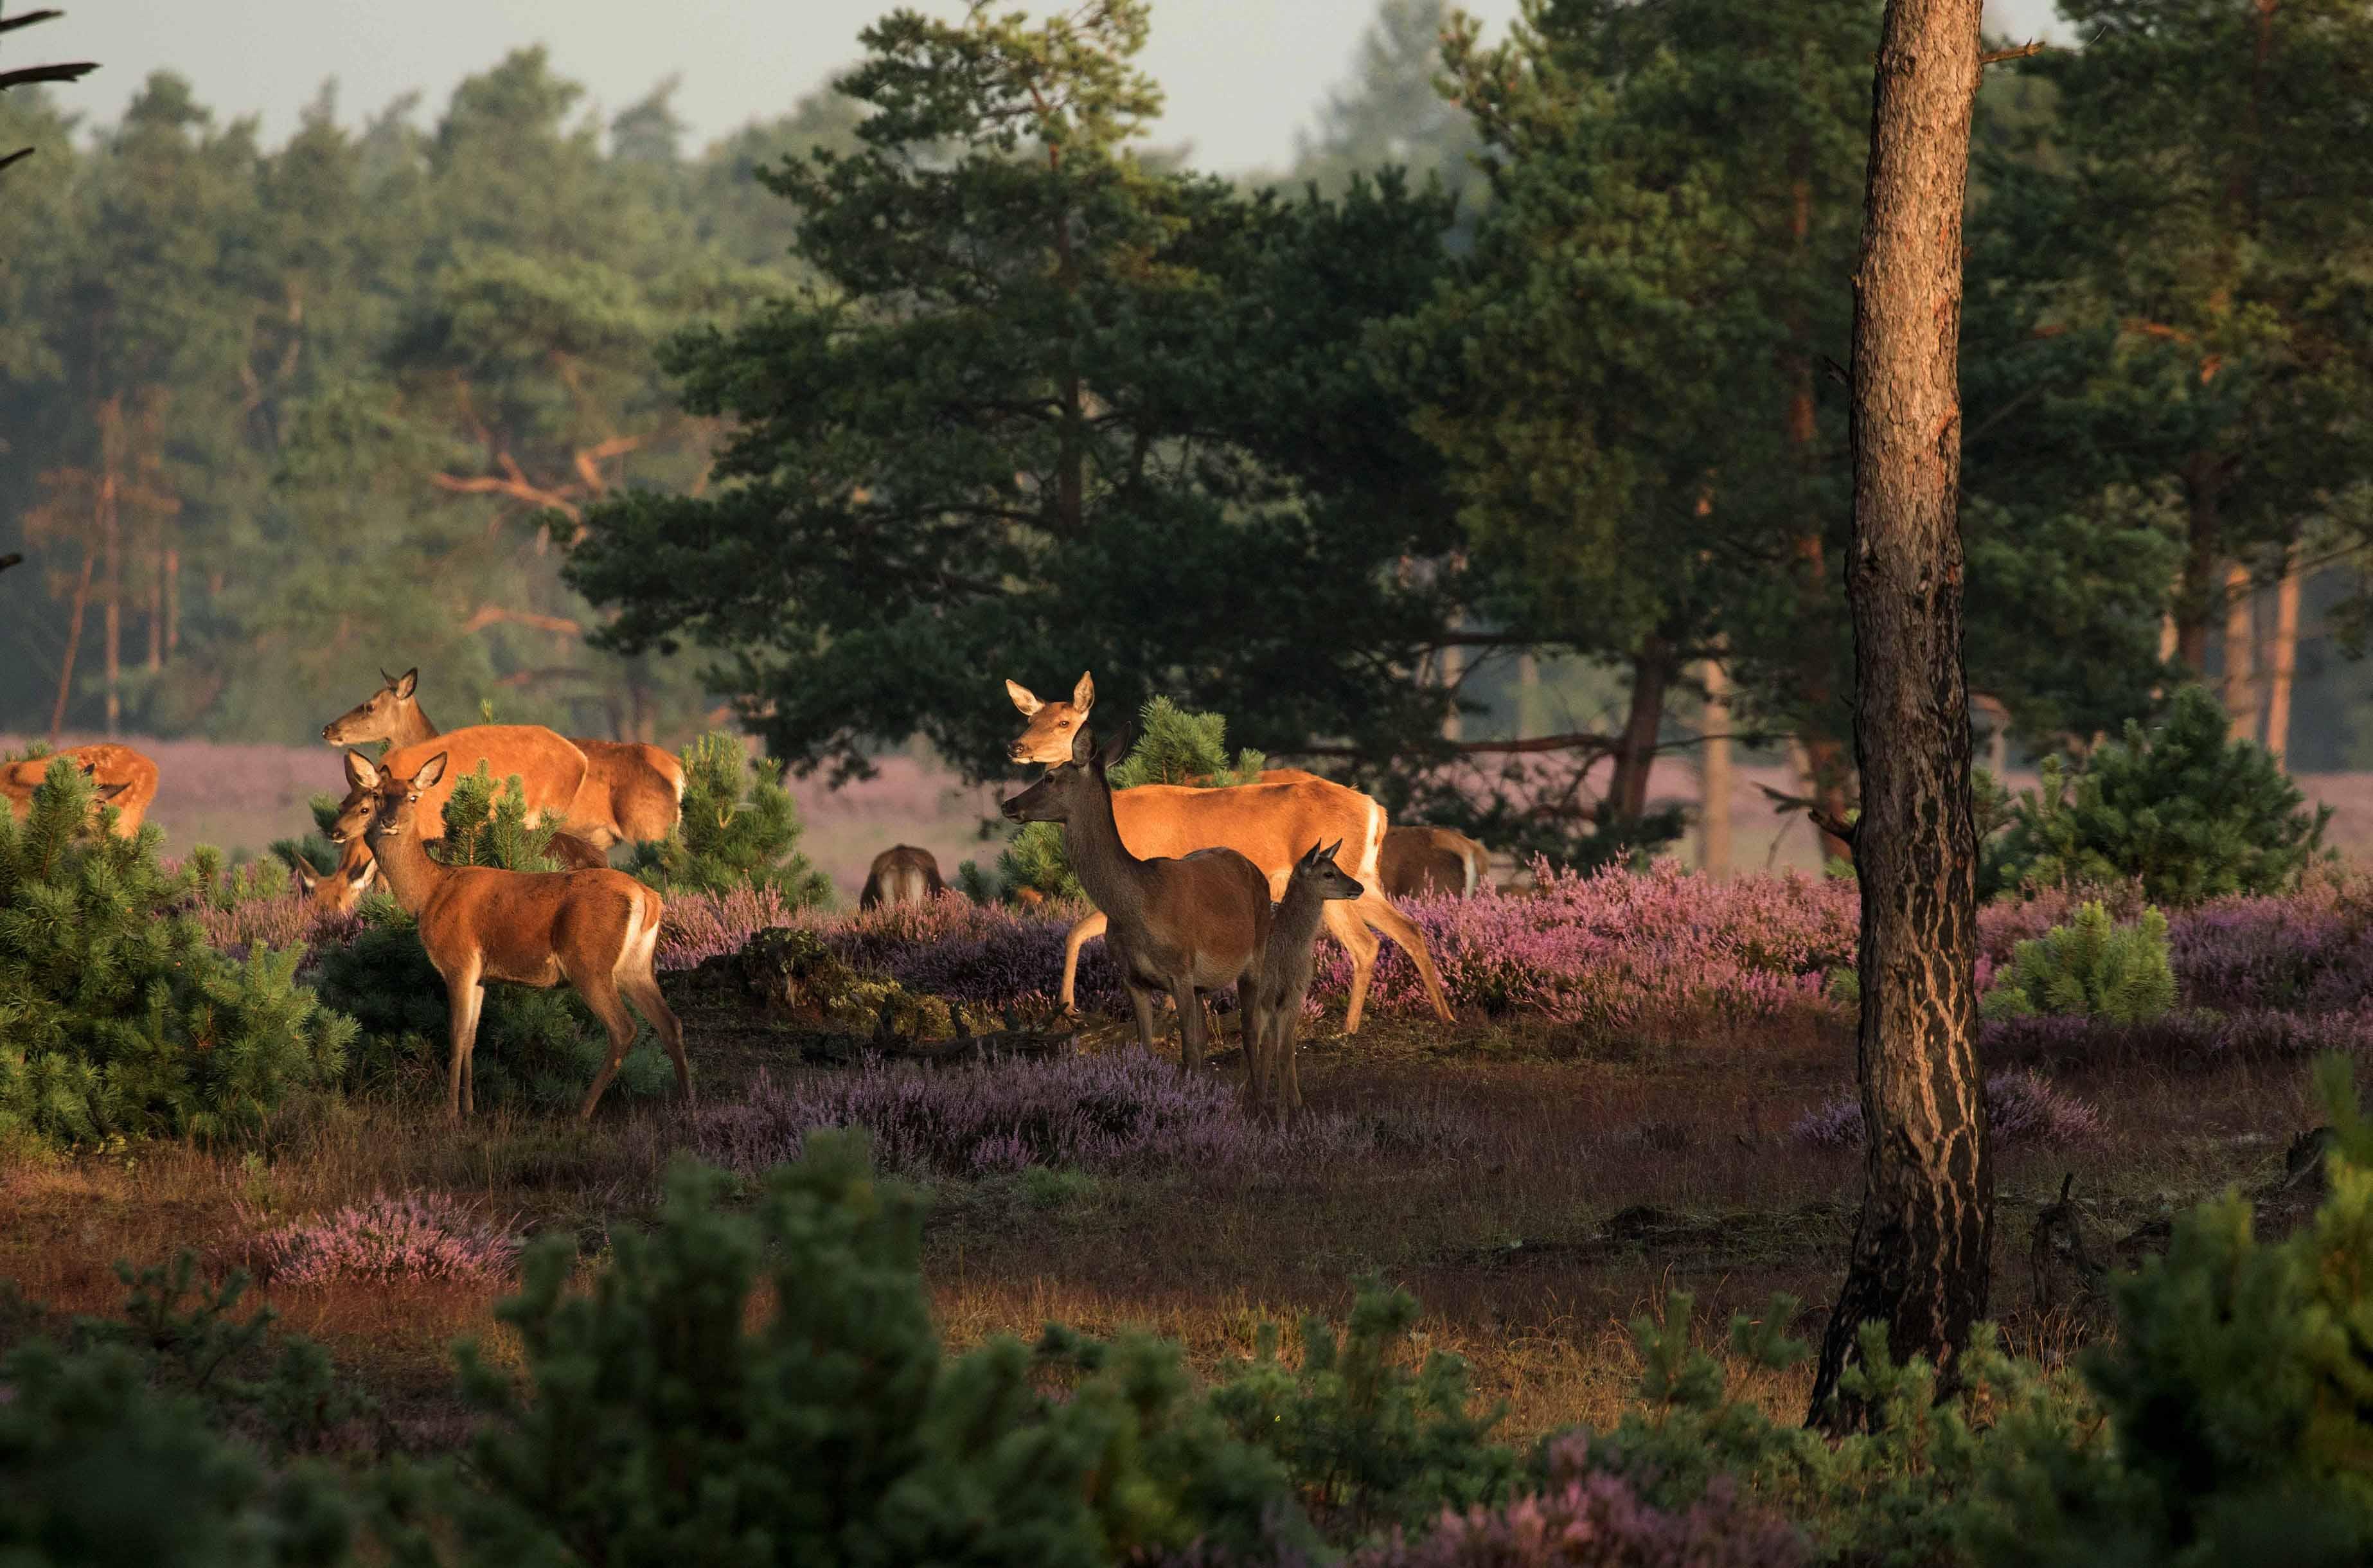 Even later krijg ik een aantal stuks roodwild met kalveren in beeld - Foto: ©De Veluwenaar